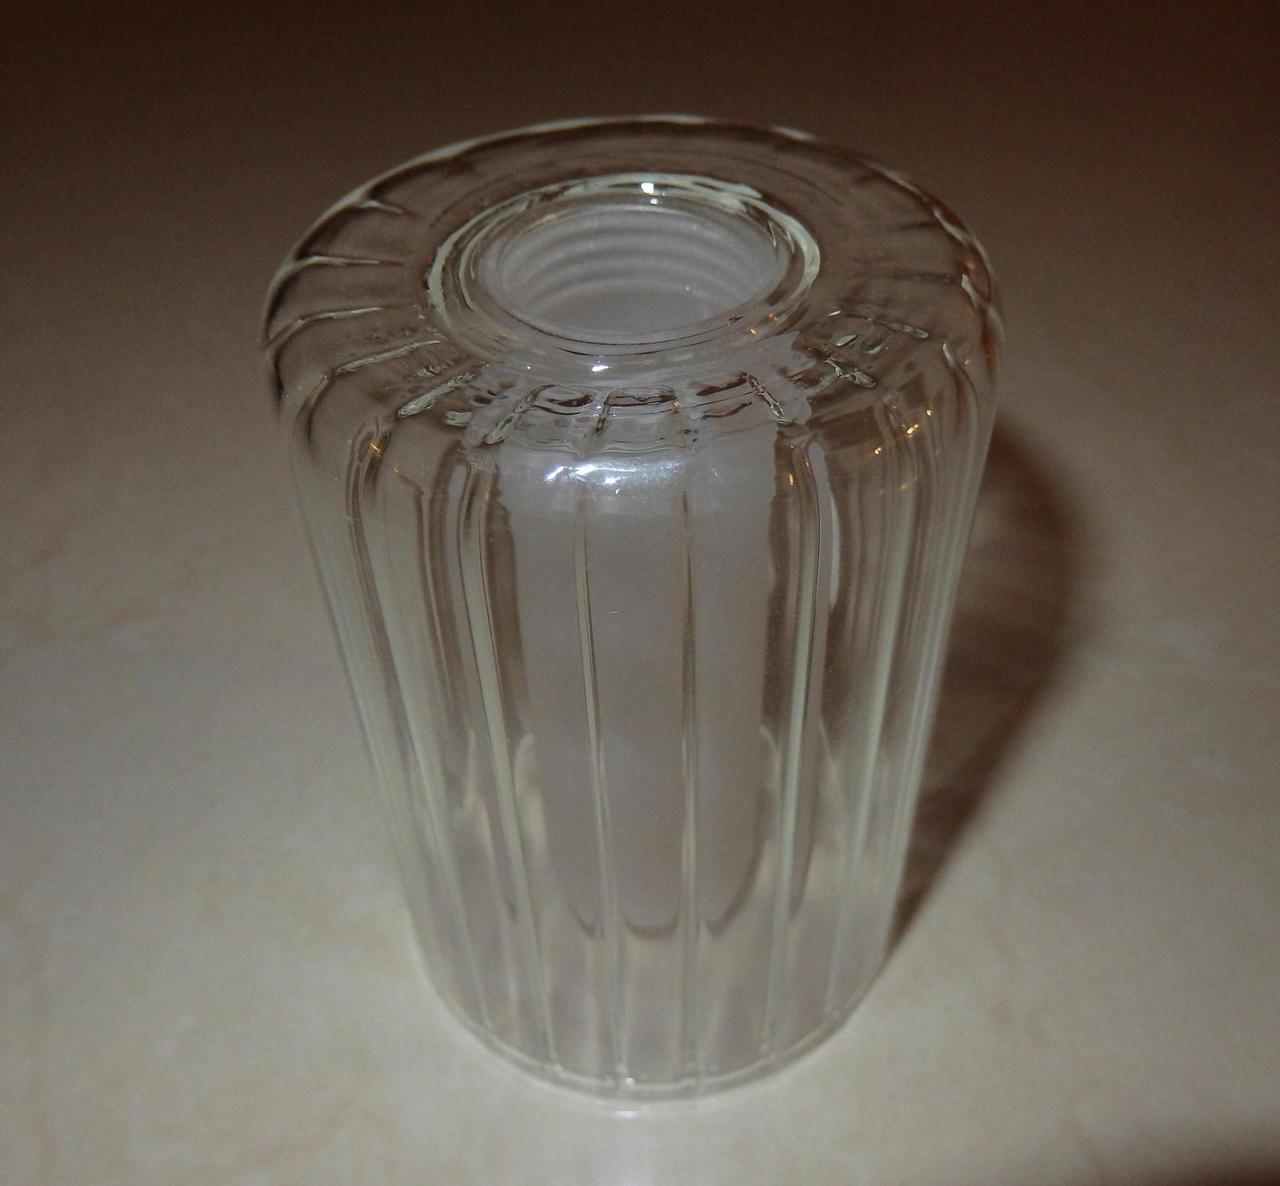 lampenschirm f r halogene aus glas ersatzglas k0099w h he 8 5 cm mit gewinde ebay. Black Bedroom Furniture Sets. Home Design Ideas